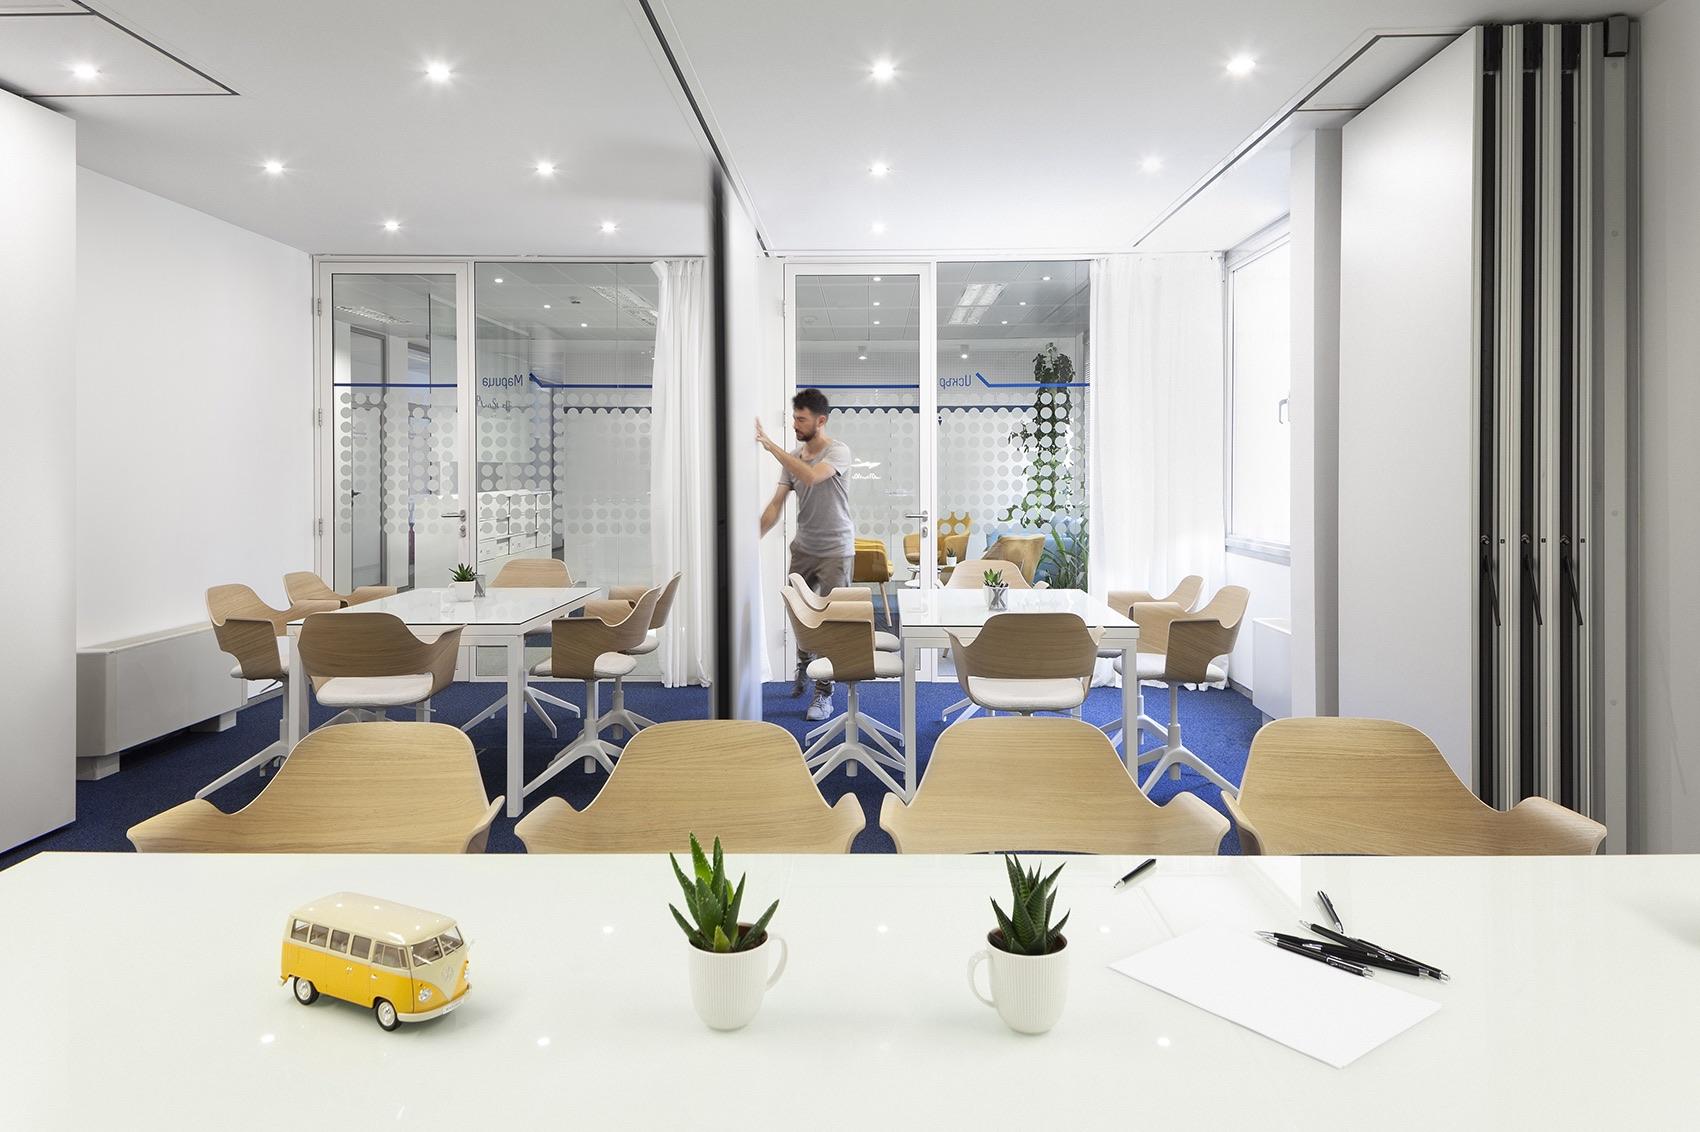 porsche-finance-group-office-6